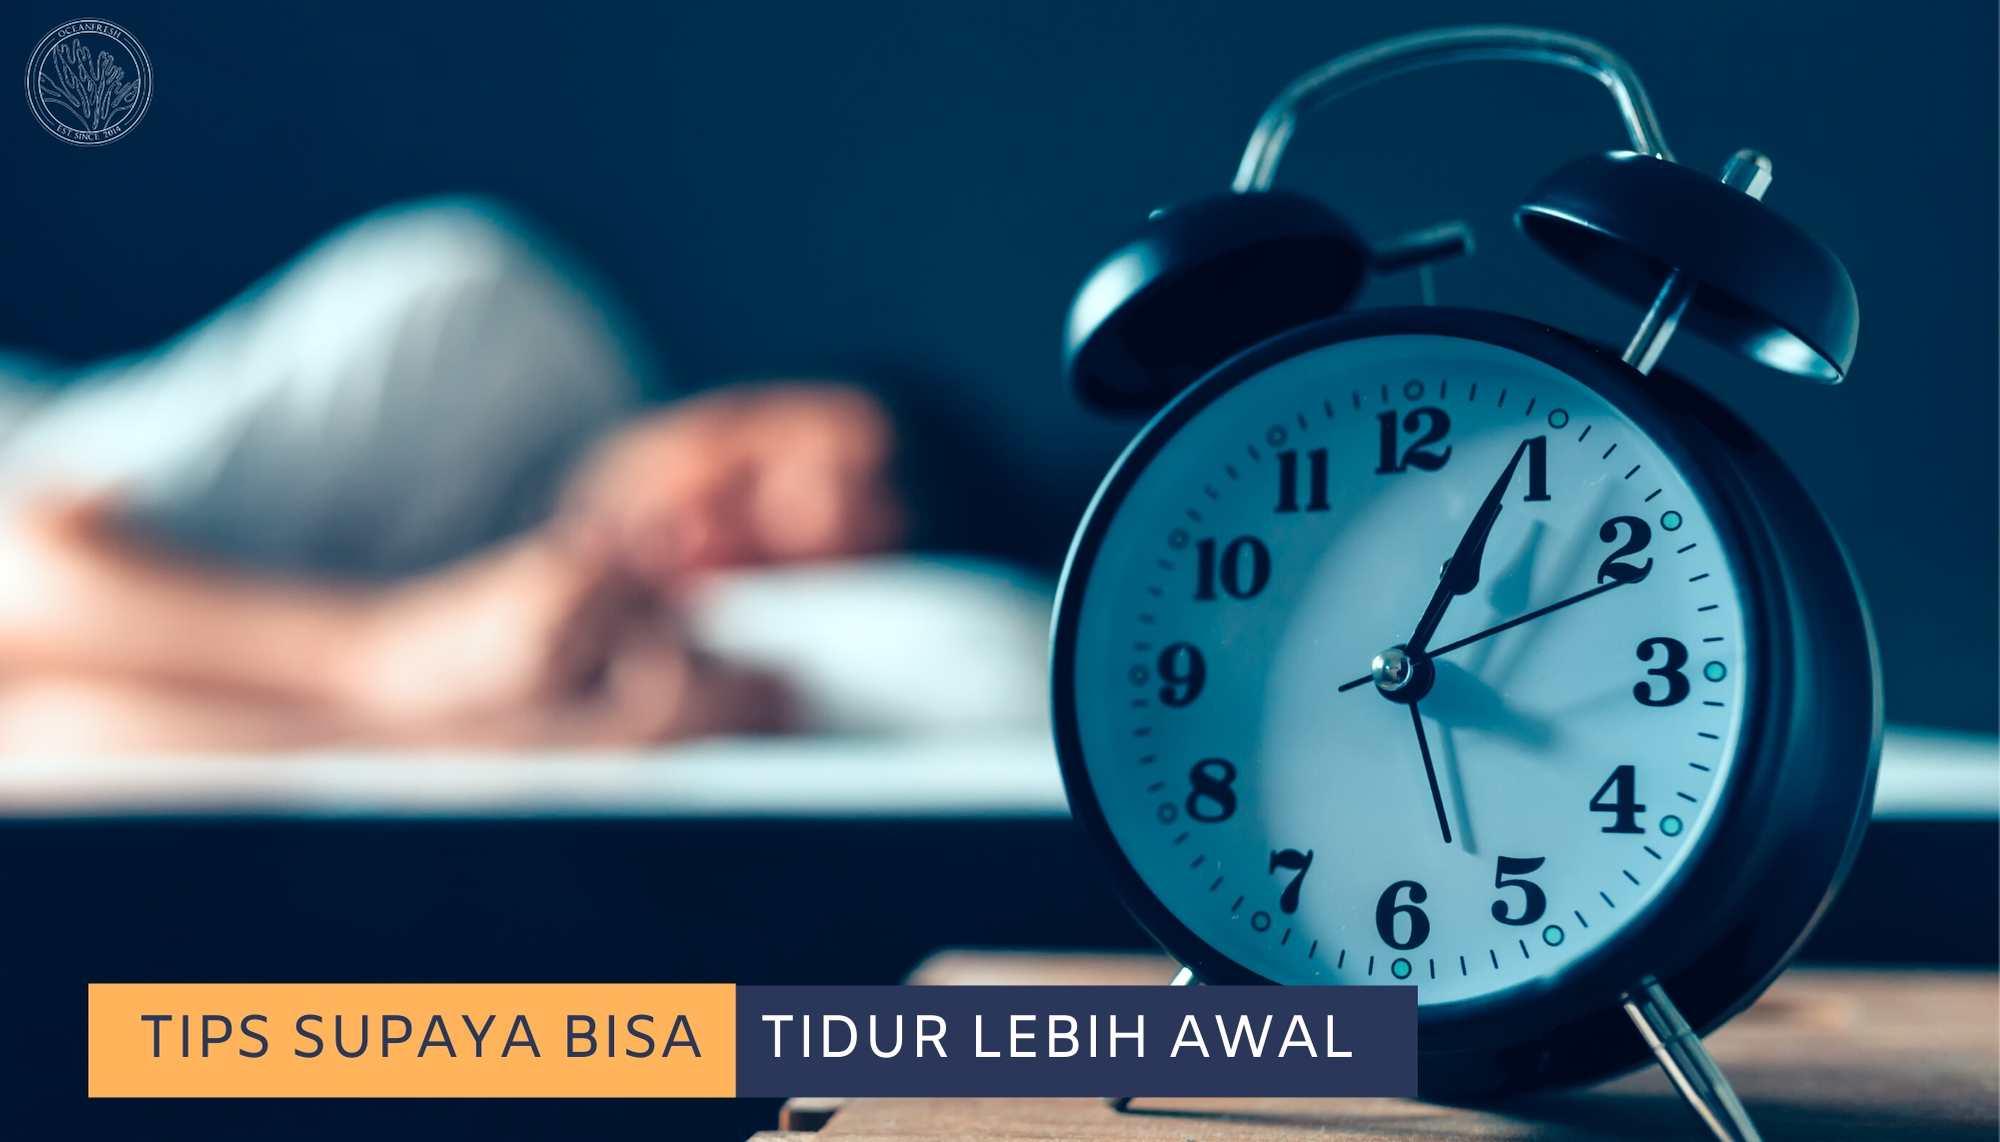 Tips Agar Bisa Tidur Lebih Awal image